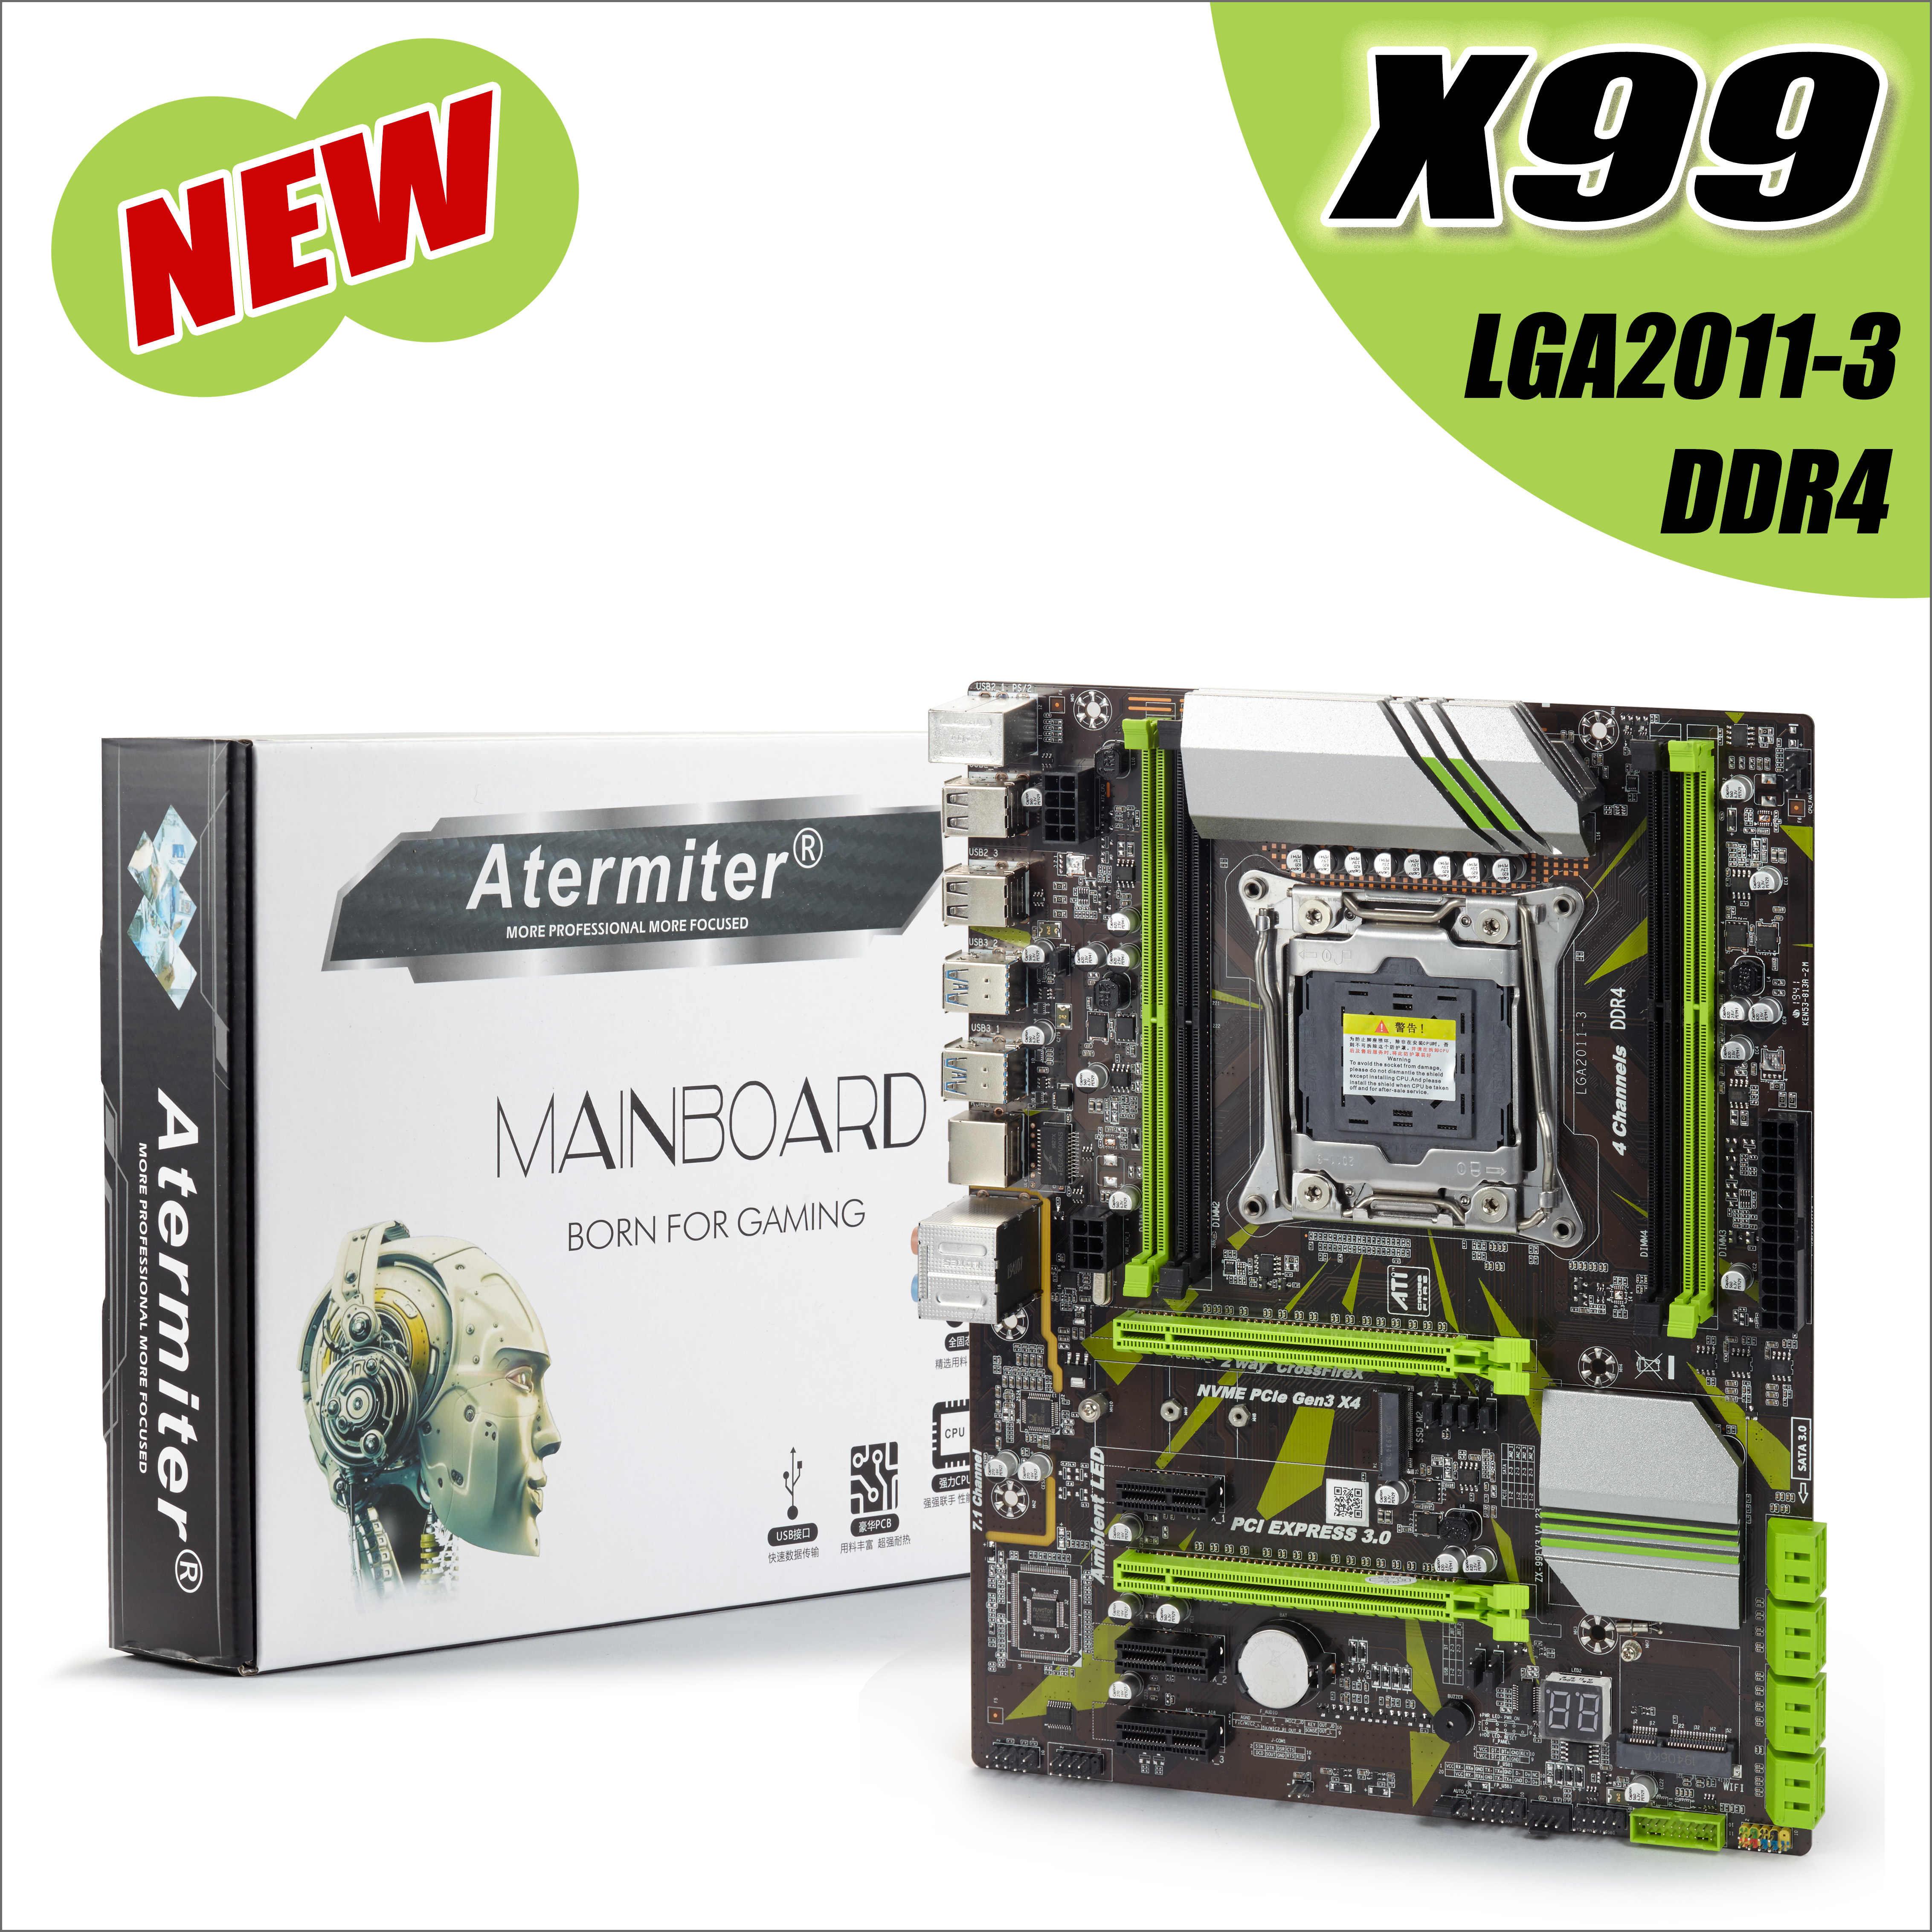 Atermiter X99 LGA2011-V3 LGA 2011 profesional 4 canales DDR4 computadora de escritorio placa base X 99 LGA2011-3 e5 2678 v3 huanan